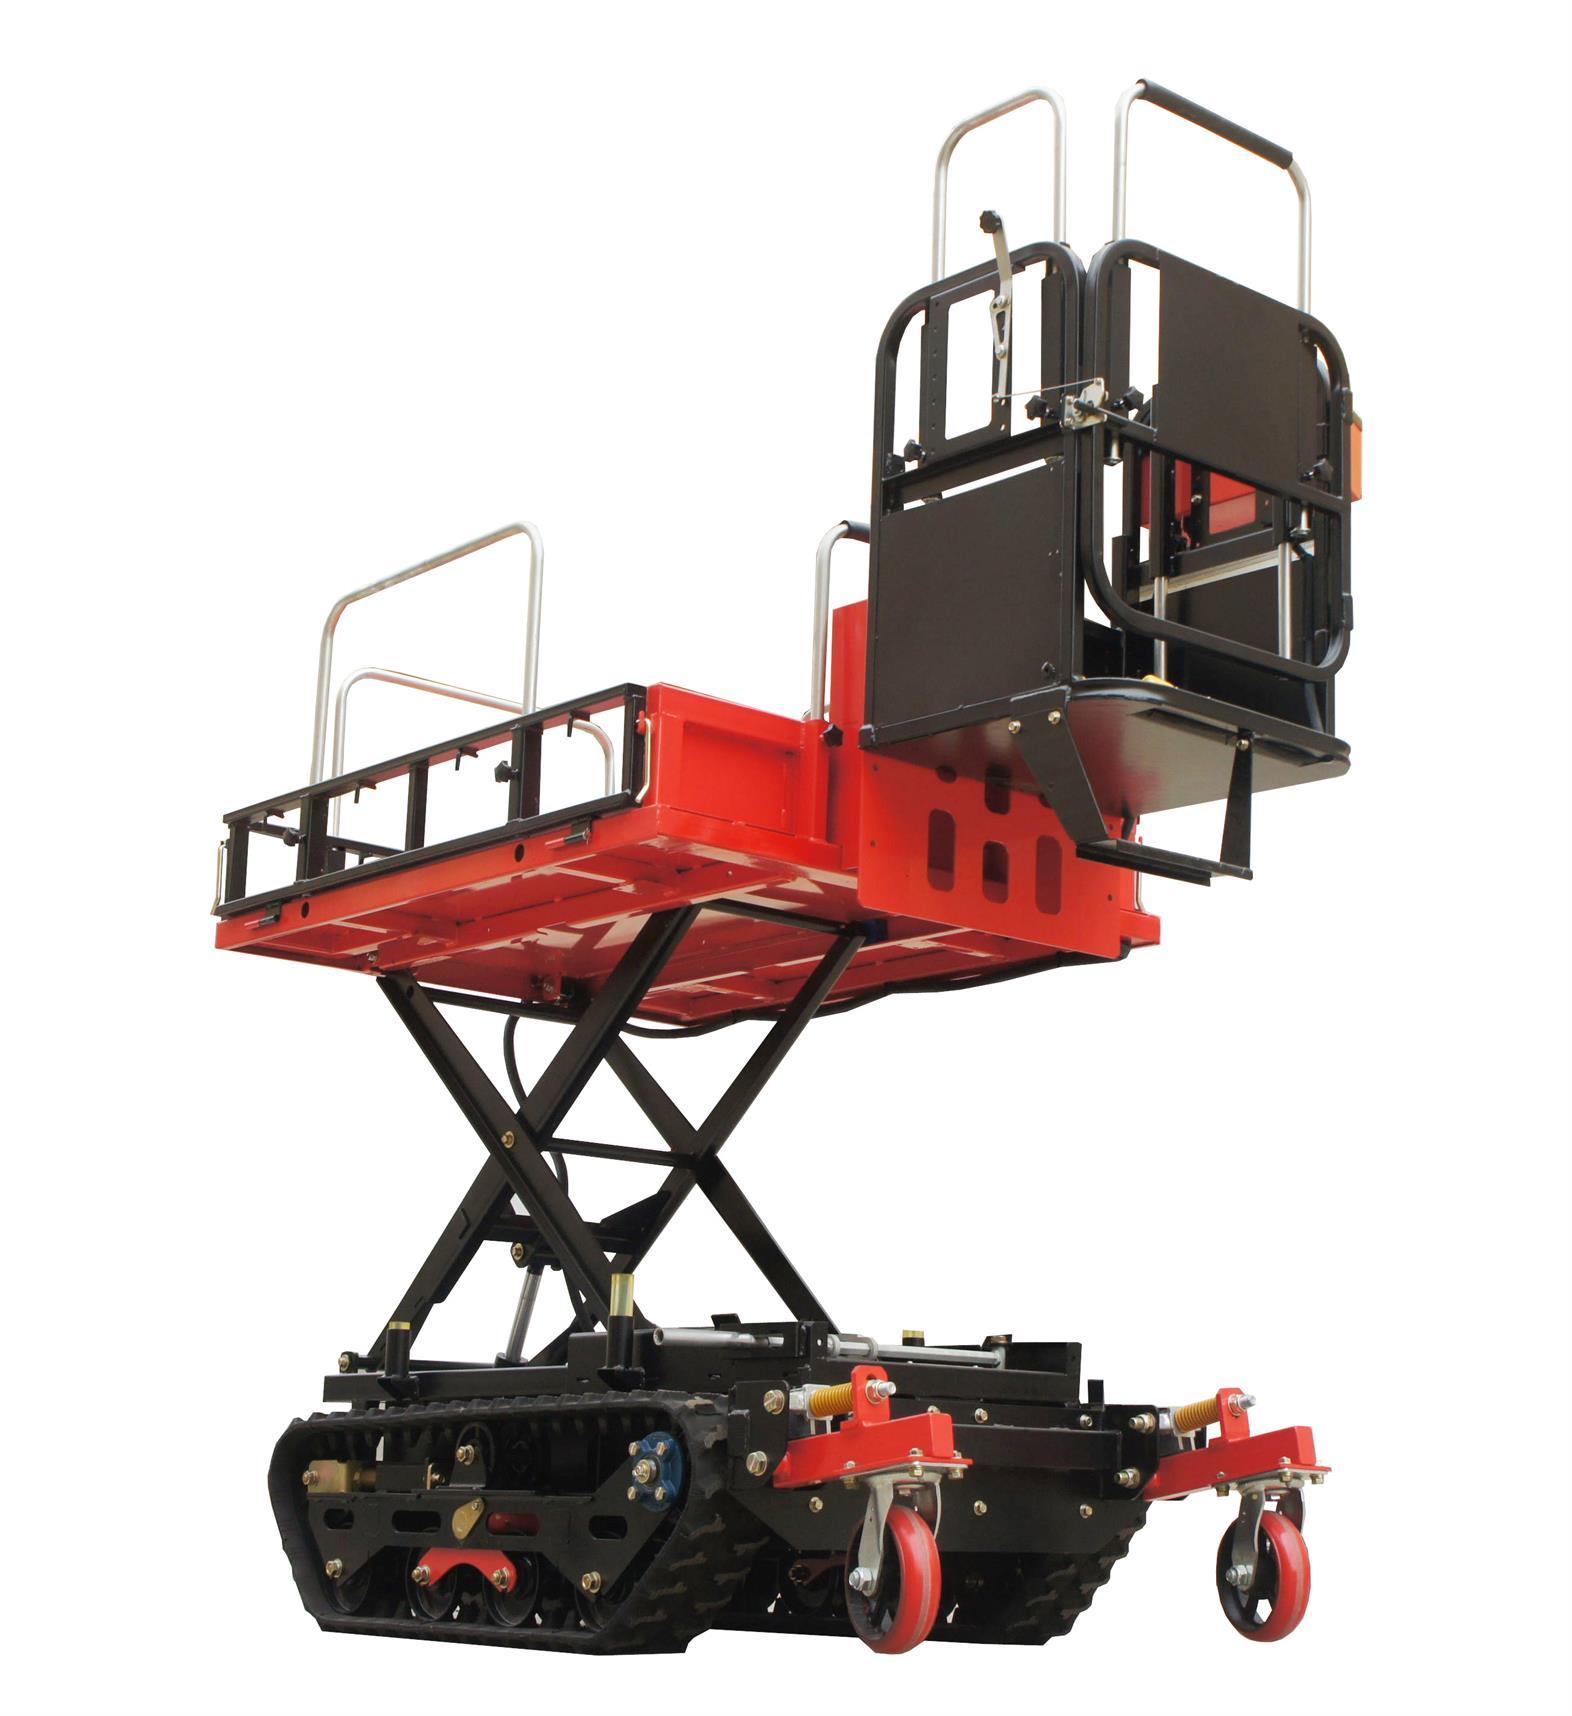 mini garden electric crawler type multifunction work platform